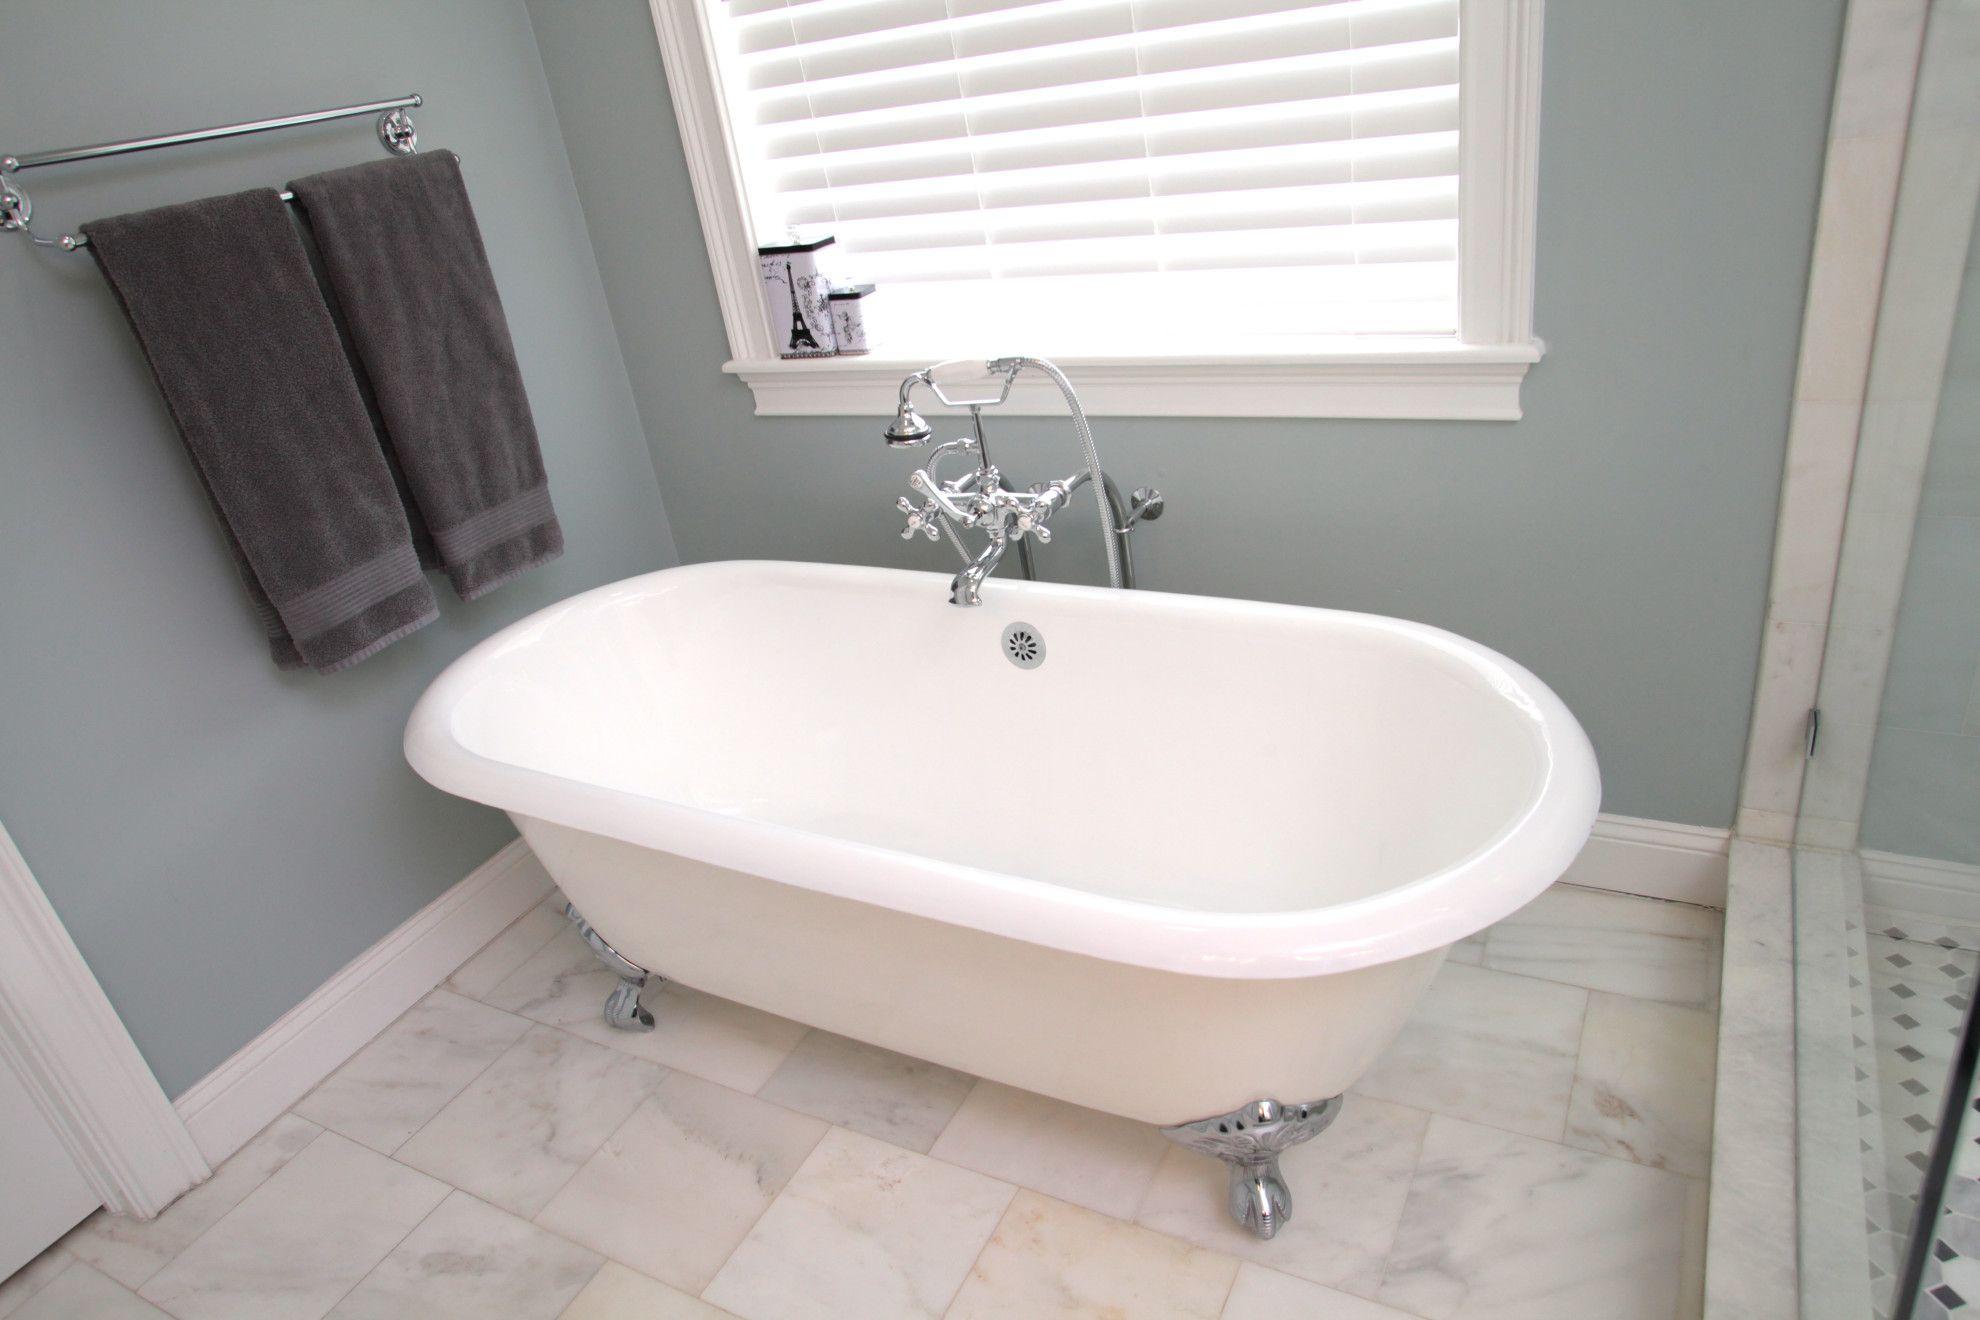 Vasca Da Bagno Con Zampe Di Leone : Copia di vasca romanza no overflow ambientata vasca da bagno